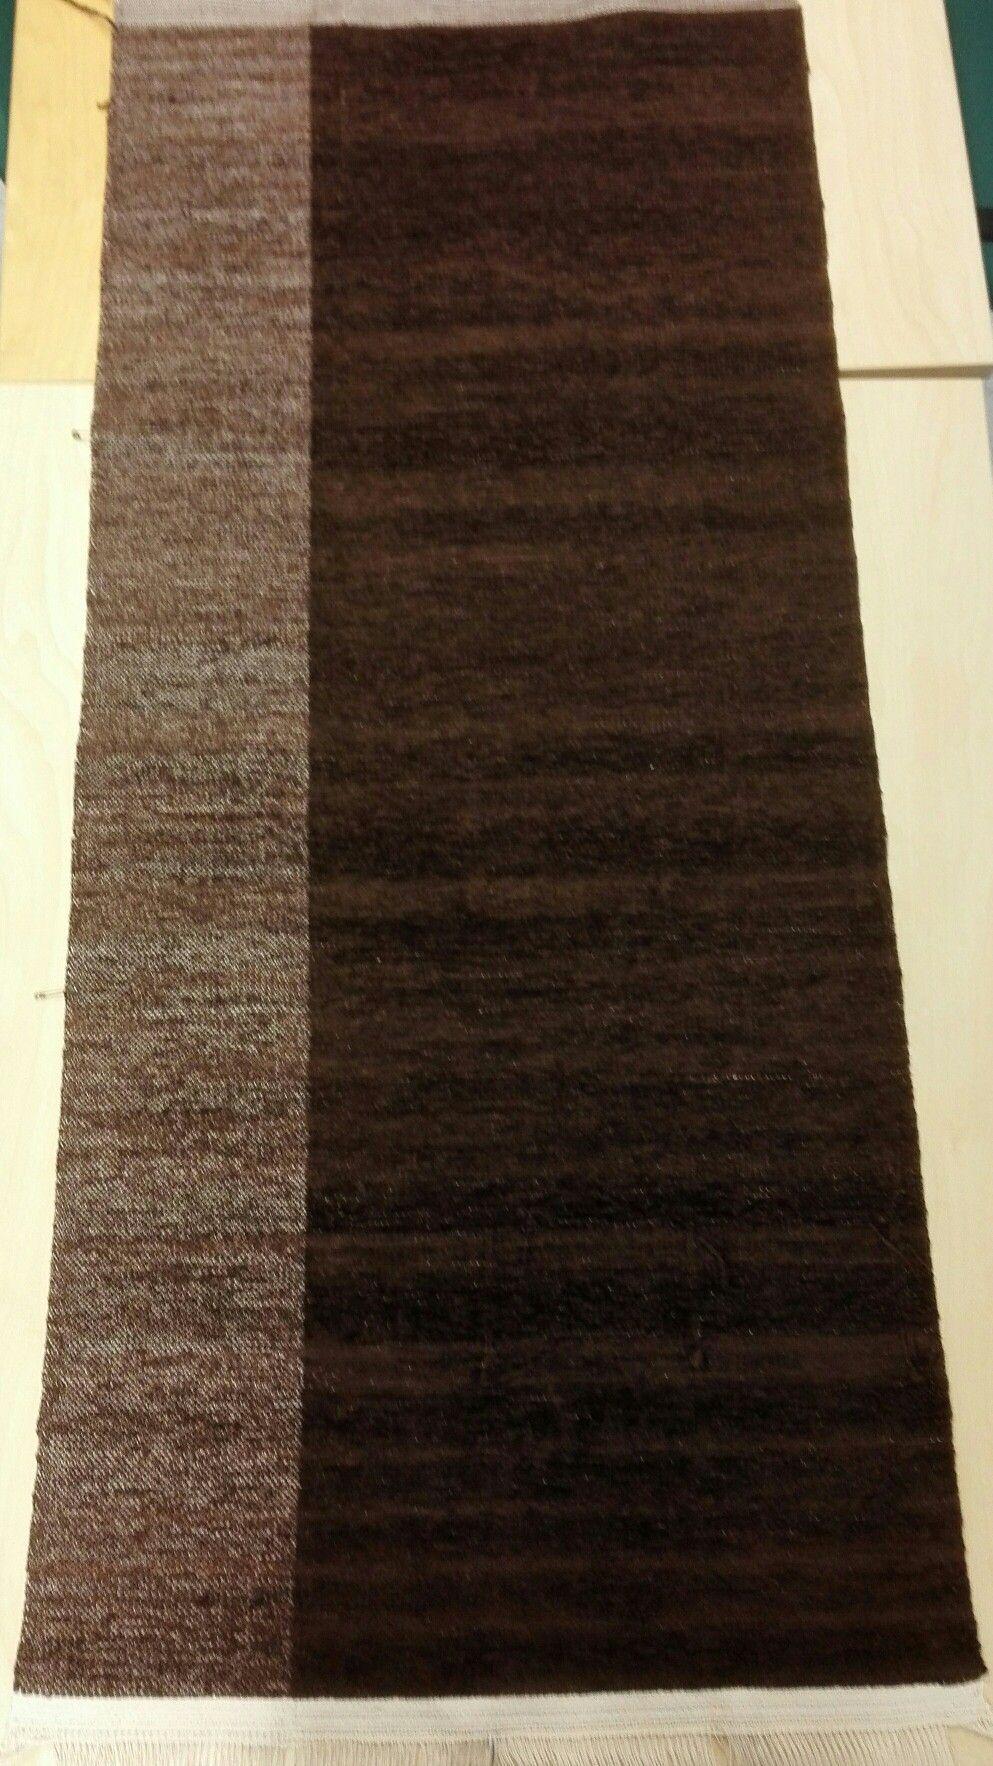 Kahvinruskea Kangaspuilla kudottu tyynykangas nimeltä puolikas, sametti- ja sileäangoilla. Koko n.66x139cm